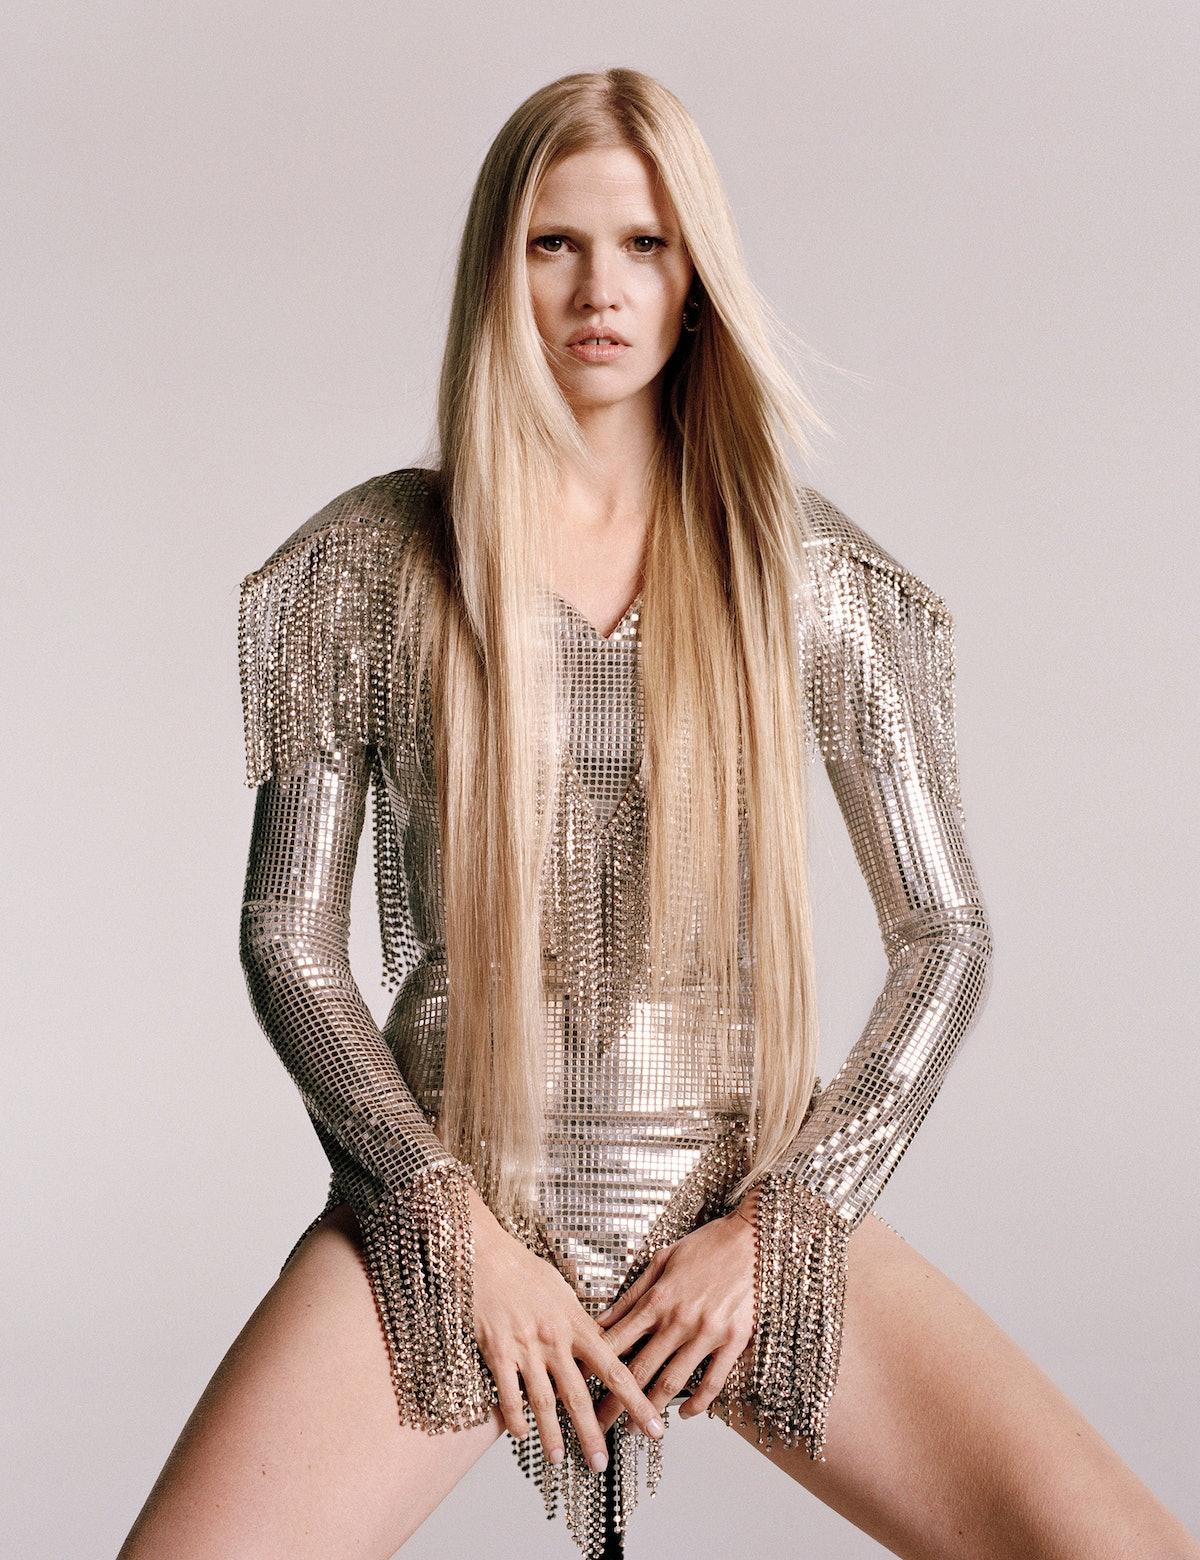 Lara Stone wears Burberry body suit; Clash de Cartier earring.